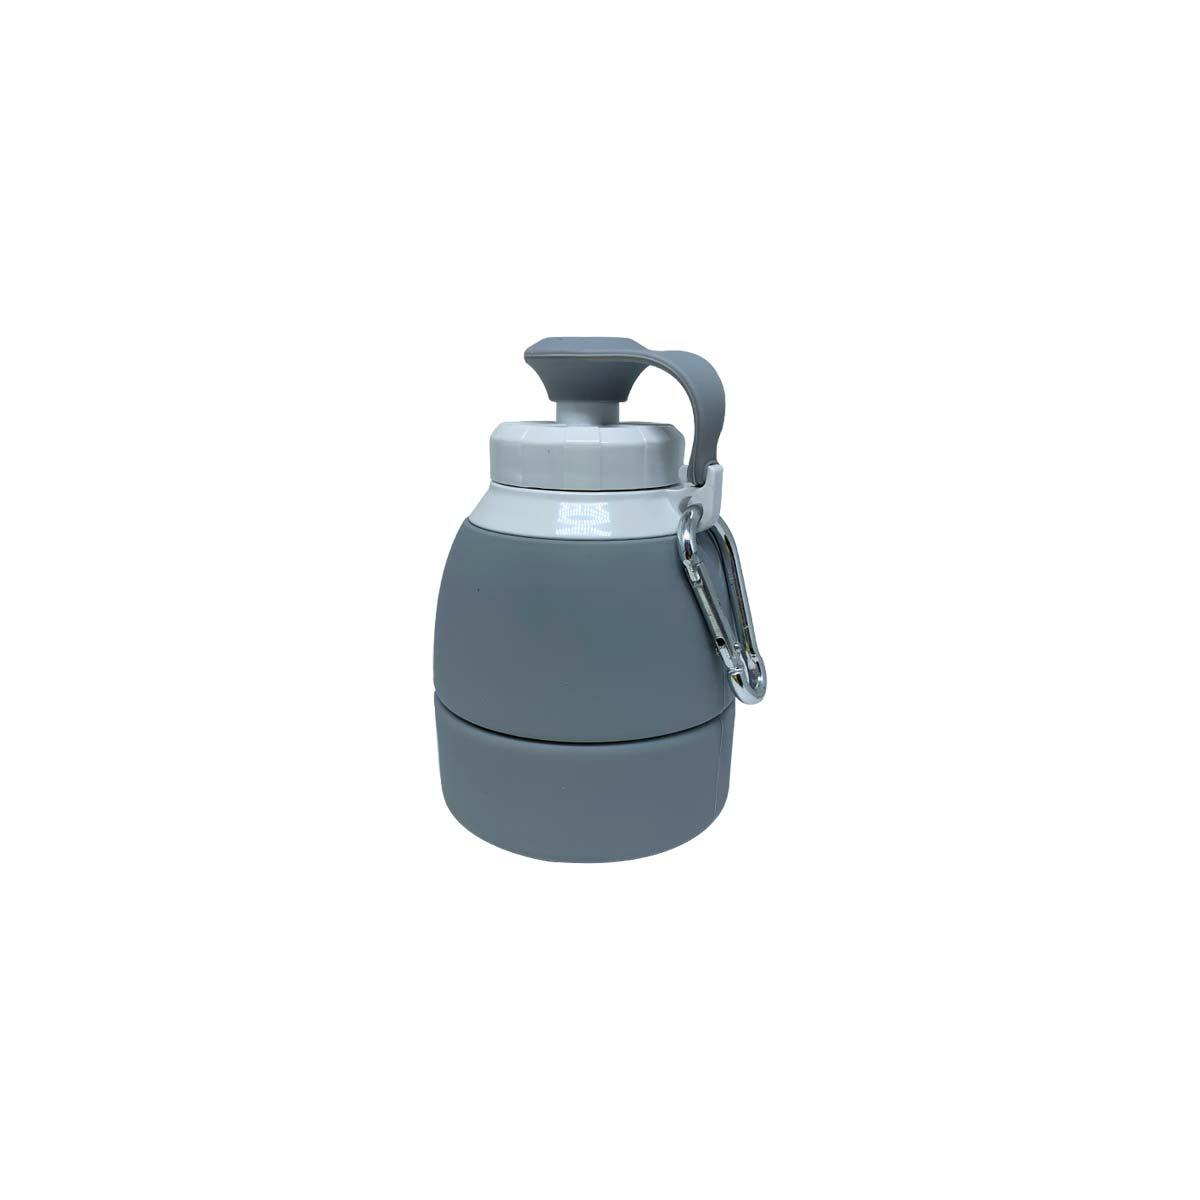 Garrafa de Silicone Retrátil - 580ml Cinza